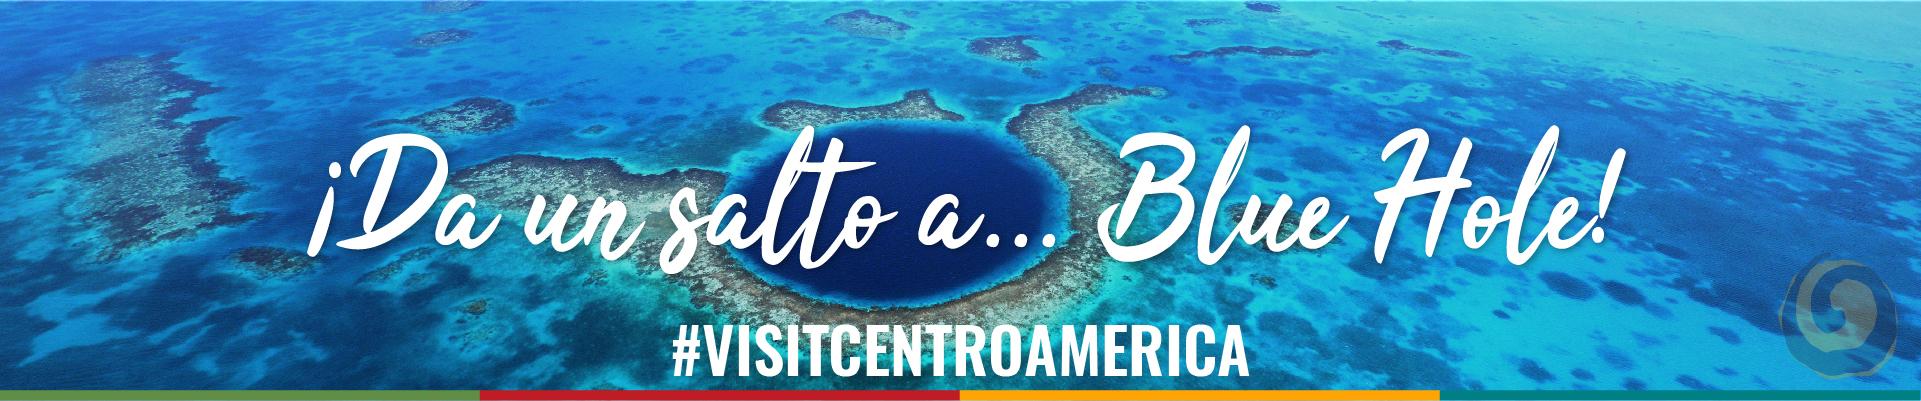 Belice Blue Hole Centroamérica